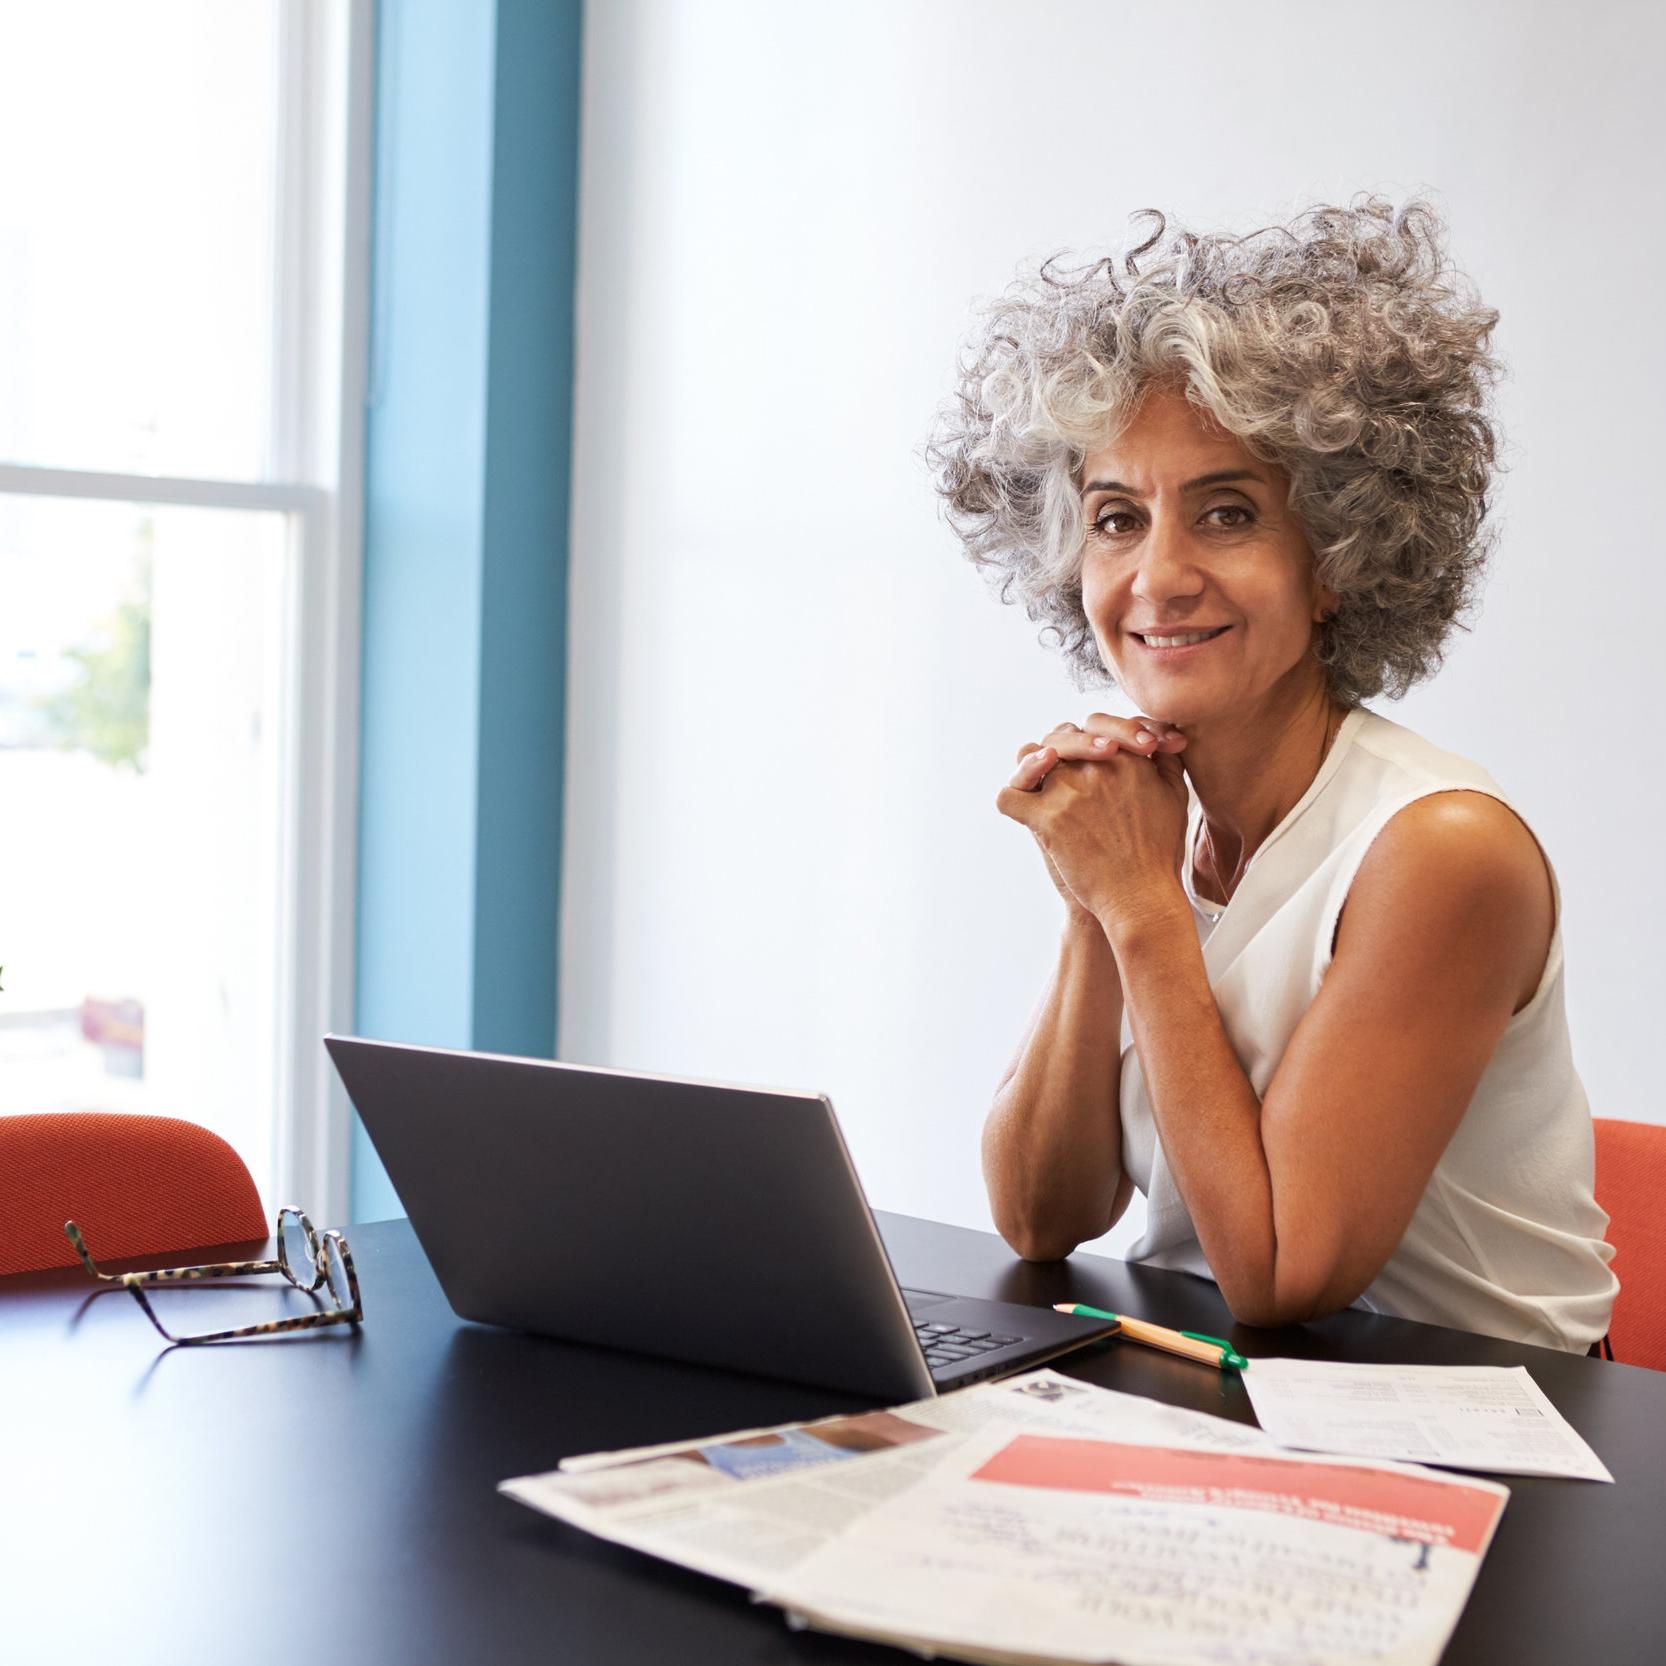 Becker-Hill Women's Empowerment School Business Department